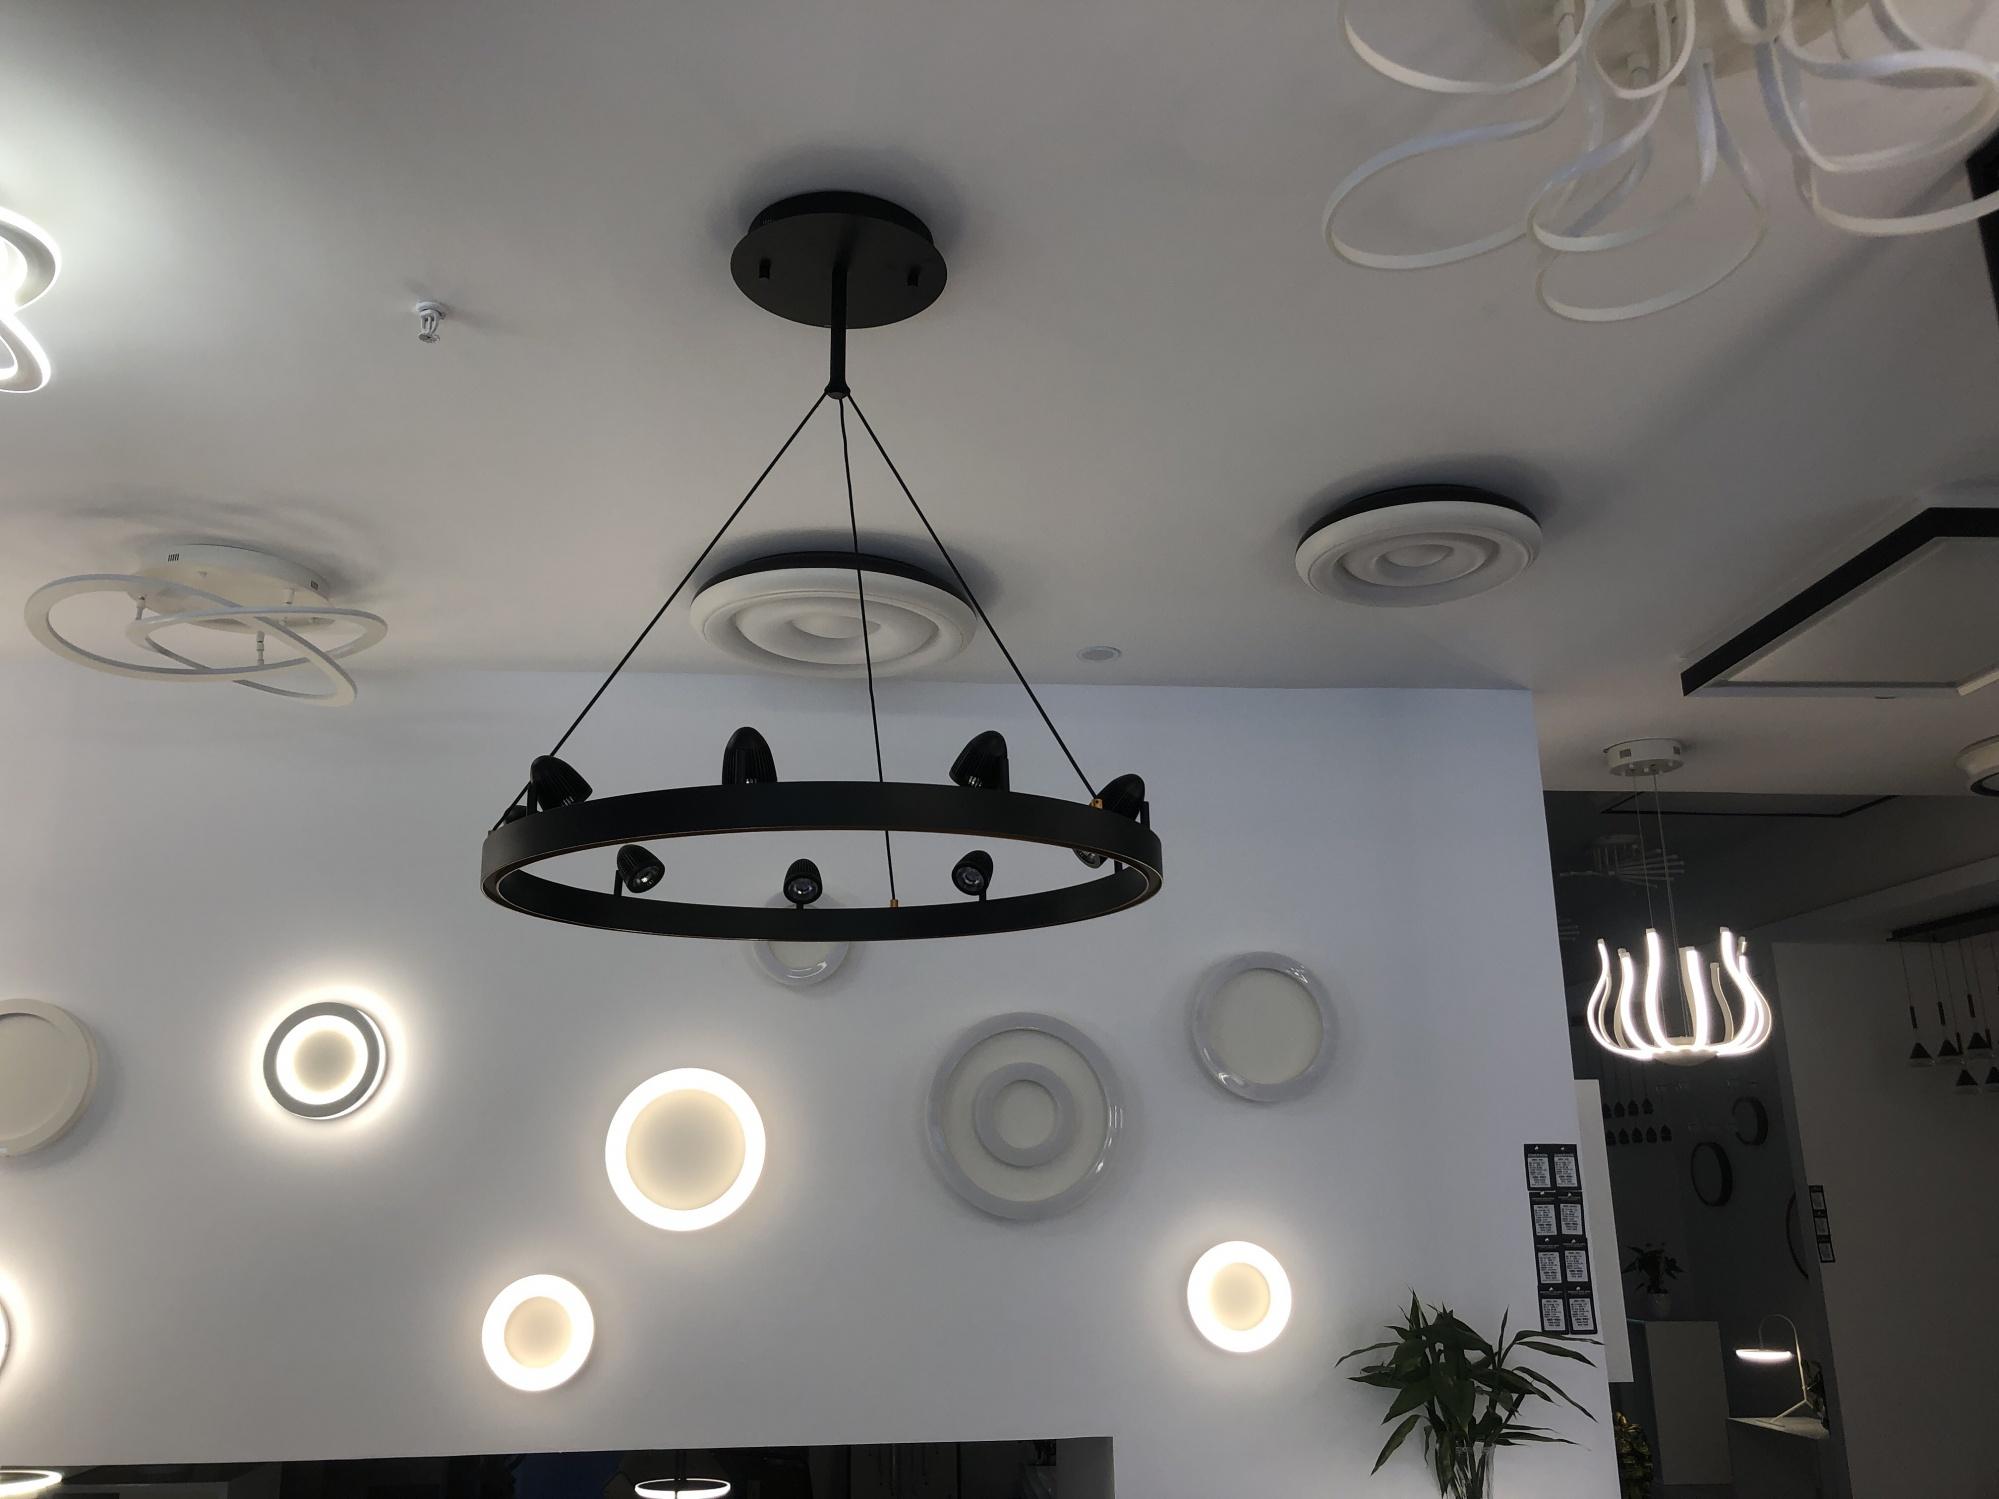 松伟照明的灯具有了解的嘛